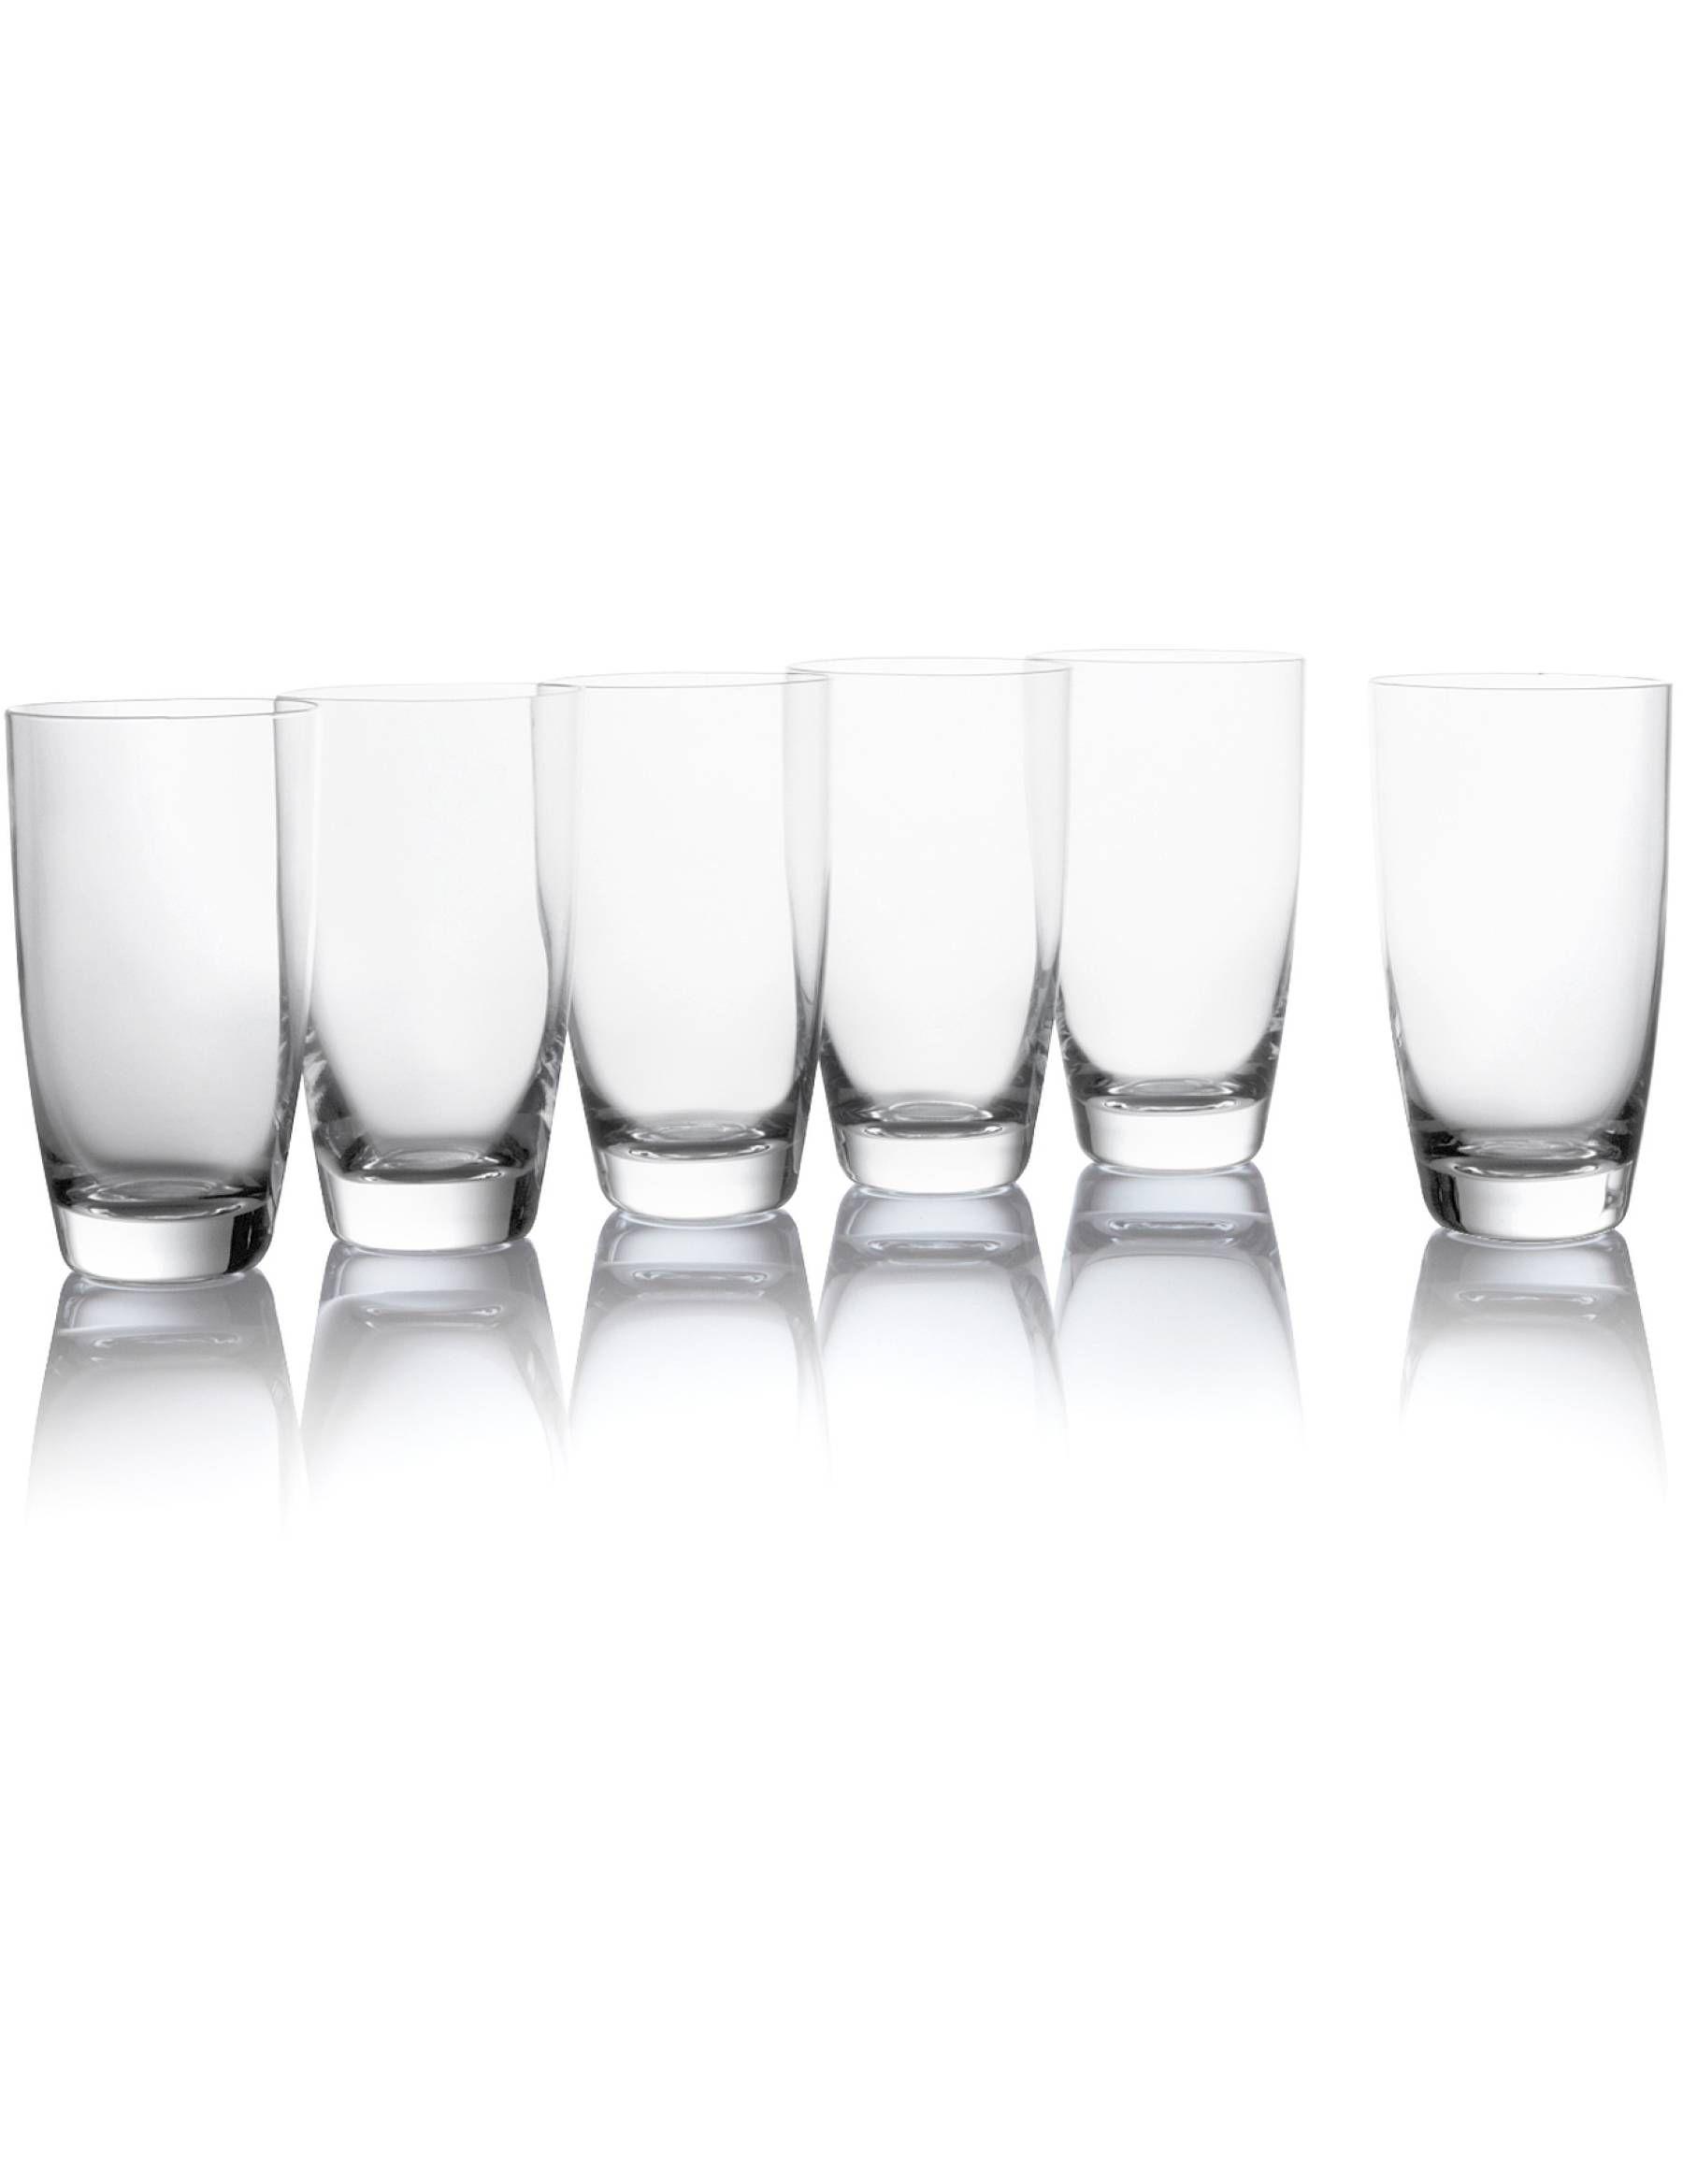 Drink Wear Water Glasses Eg Box Of Six Hi Ball Glasses In Sleek